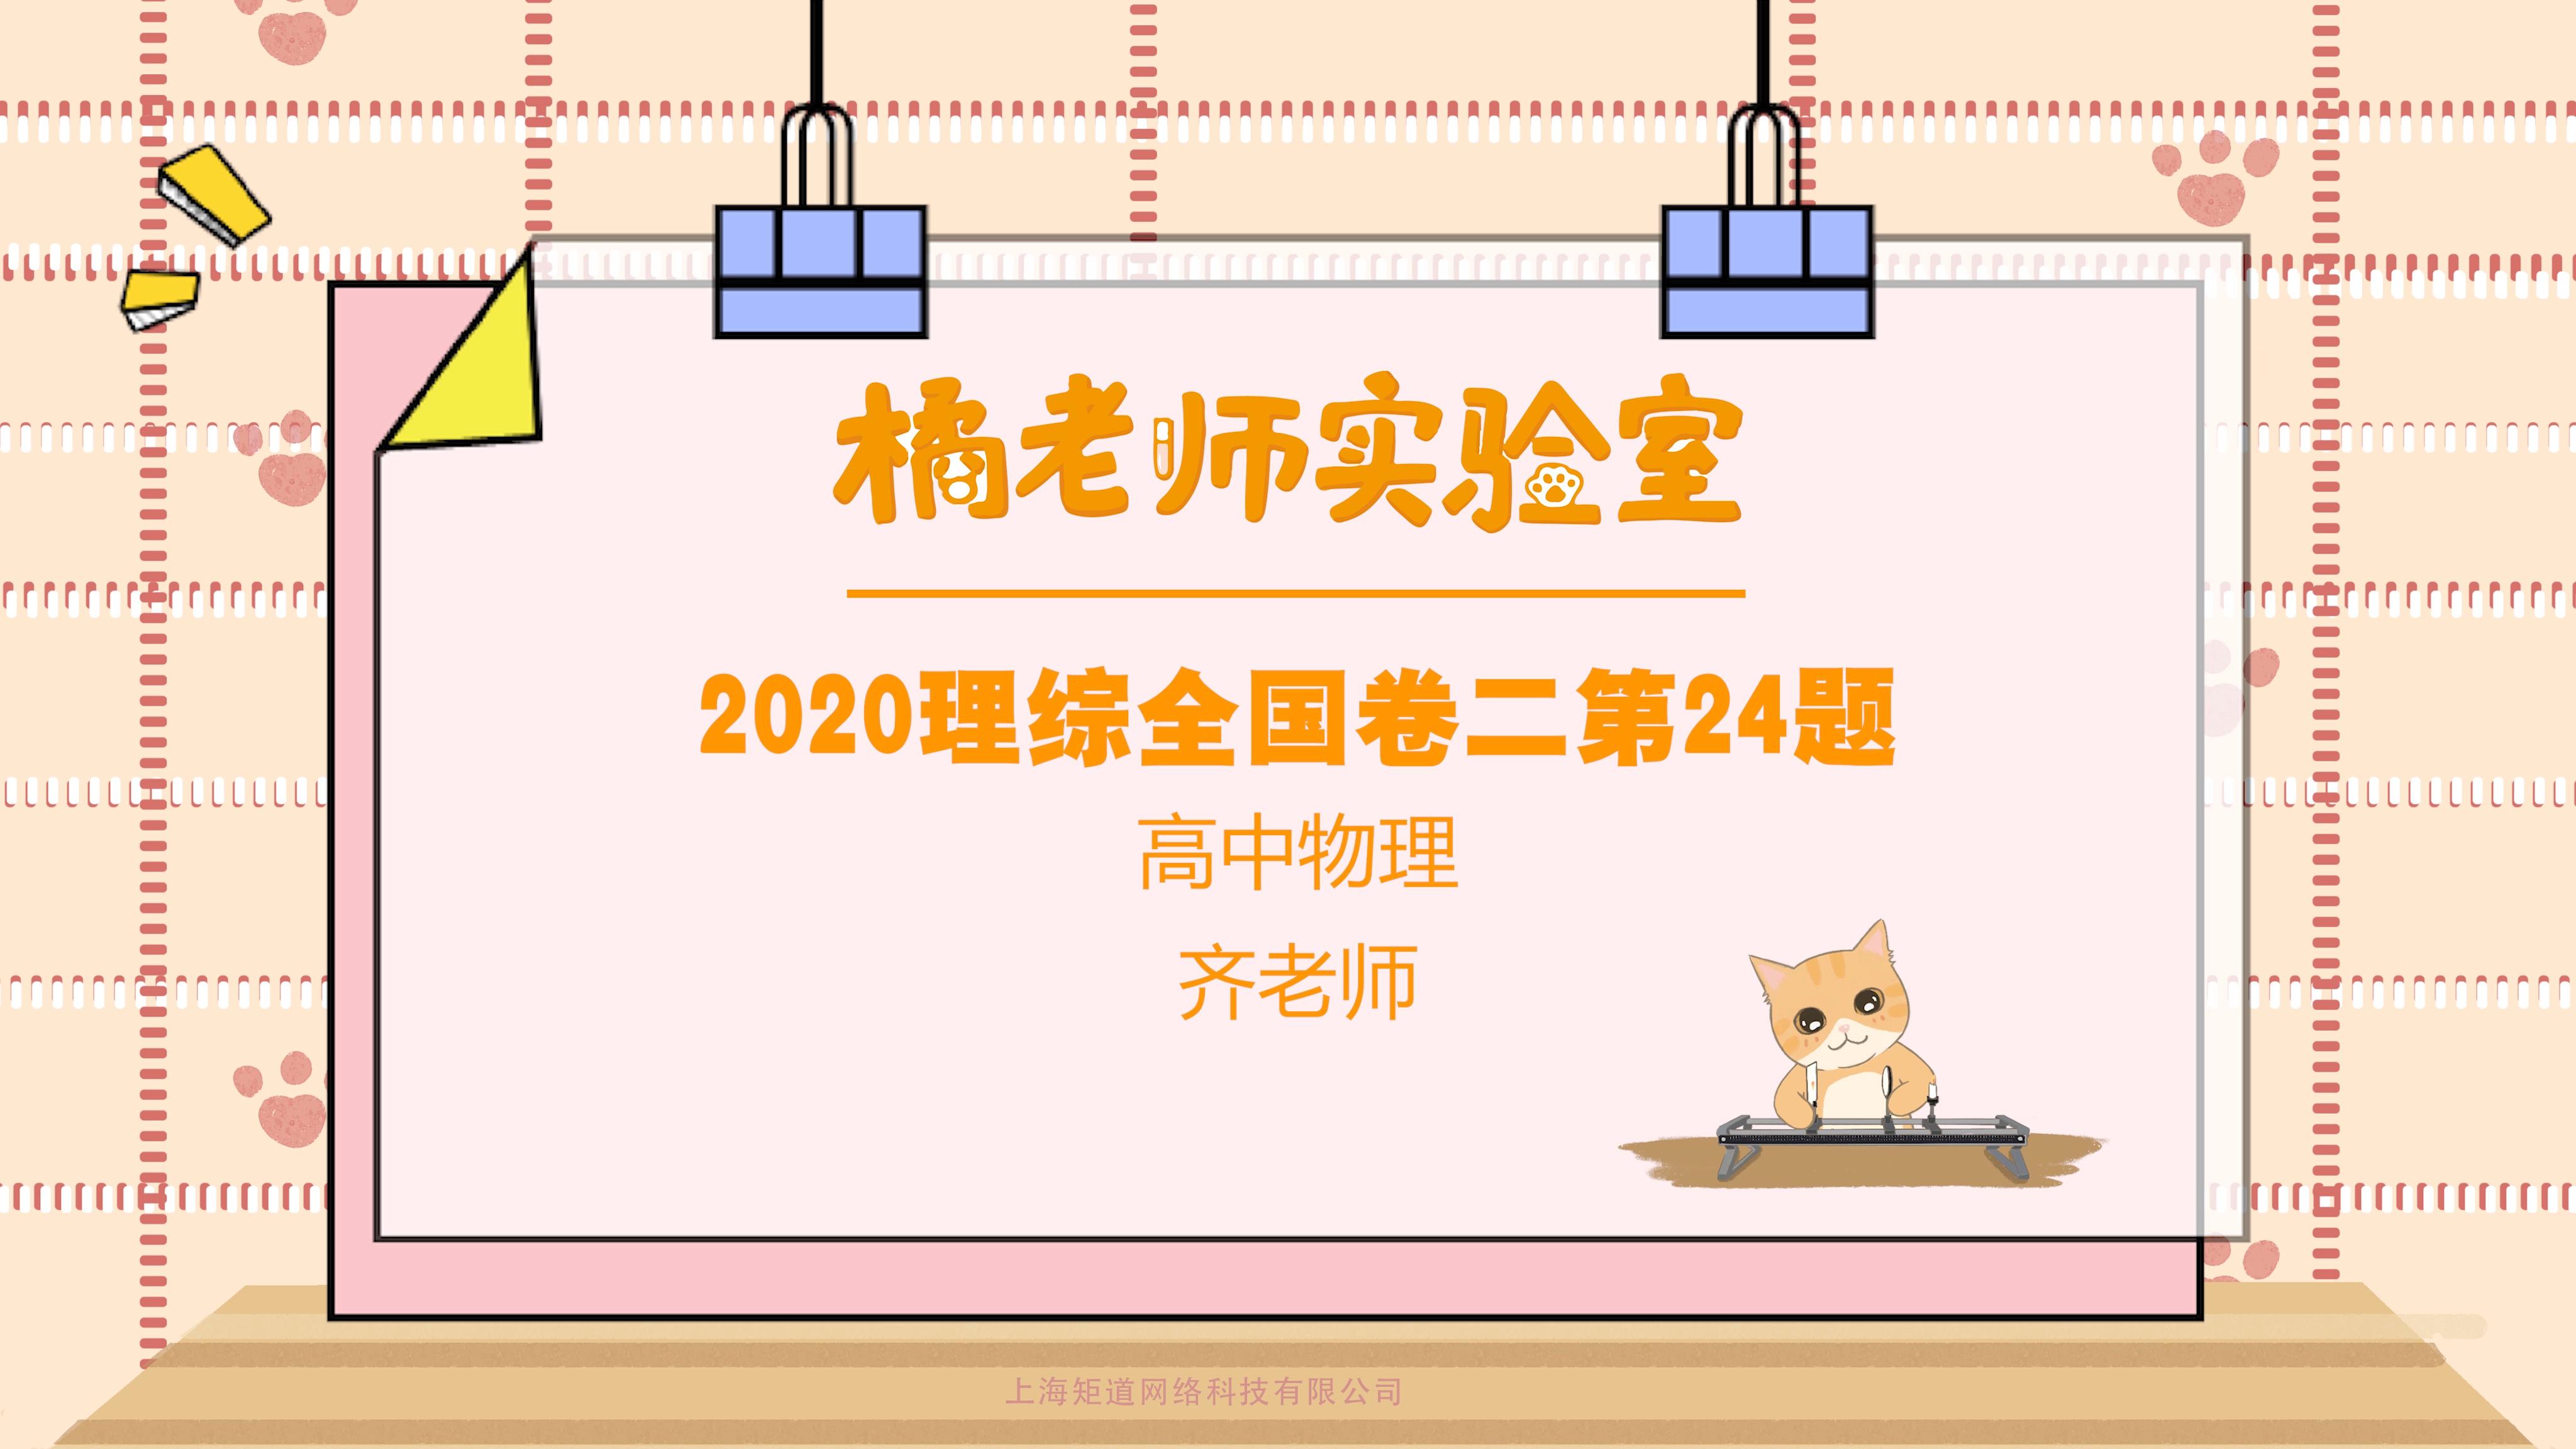 第二百零六期:《2020理综全国卷二第24题》